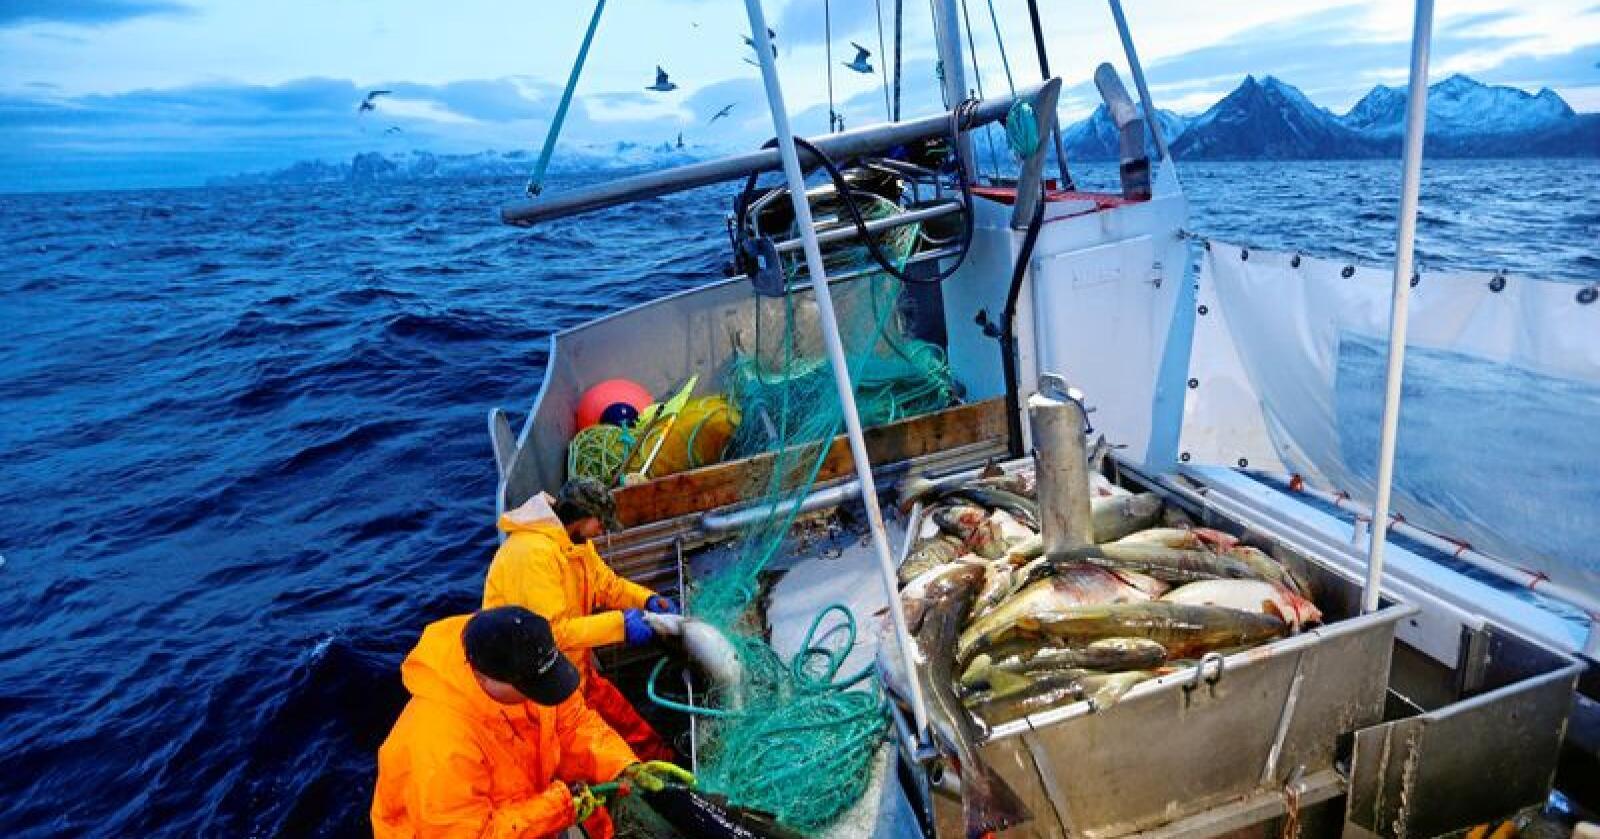 Utenfor Senja: Her fisker skipper Trond Dalgård (51) og Jan Gunnar Johansen skrei ved Gryllefjord. Begge er oppvokst på Senja og har havet som nærmeste nabo og arbeidsplass. Foto: Cornelius Poppe / NTB scanpix